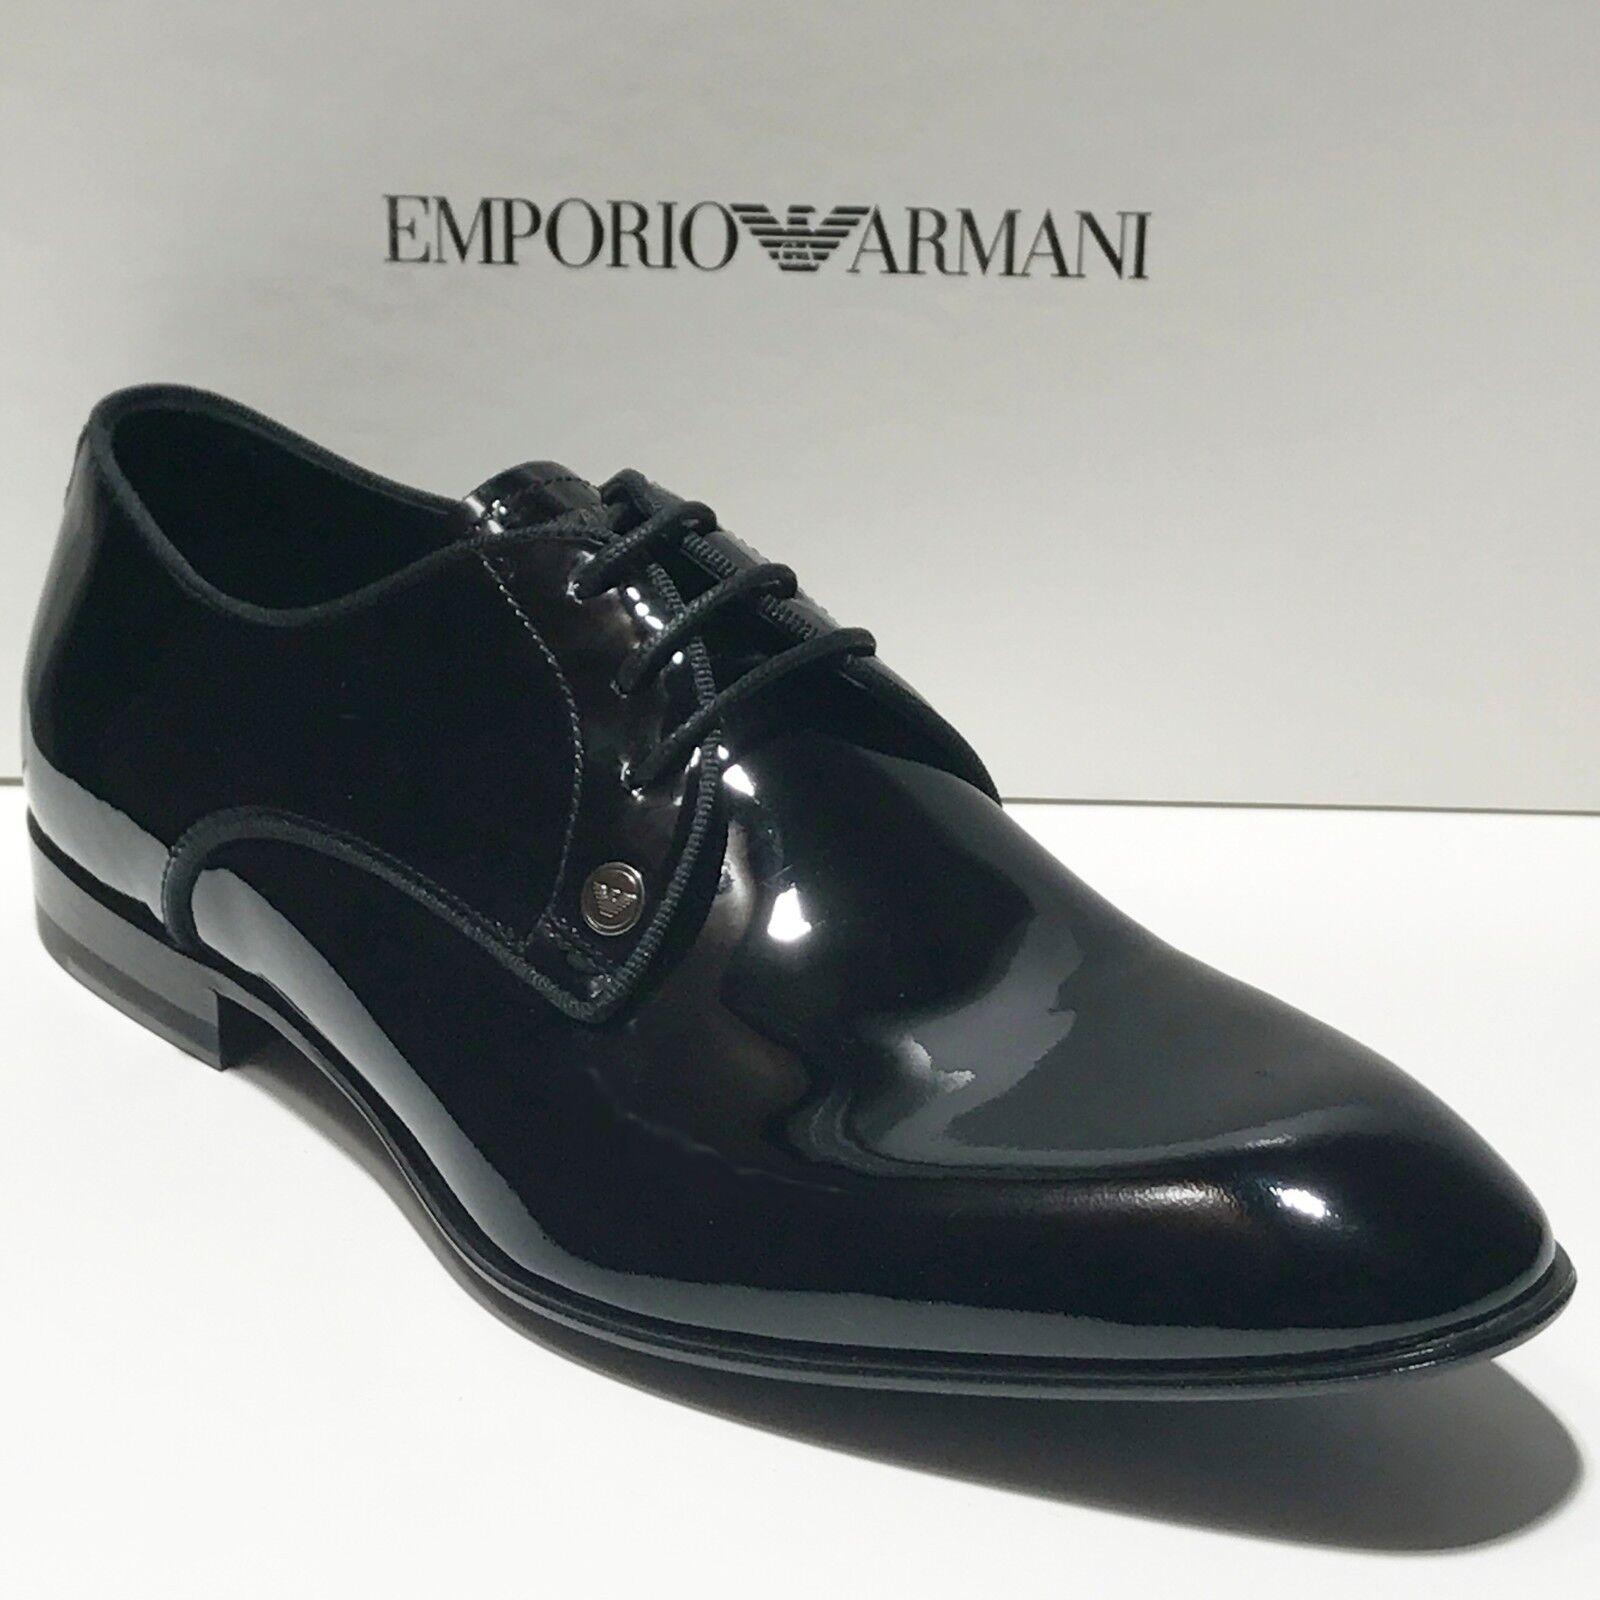 New Emporio Armani nero Patent Leather  Tuxedo Dress Oxford Formal Men's scarpe  spedizione gratuita in tutto il mondo